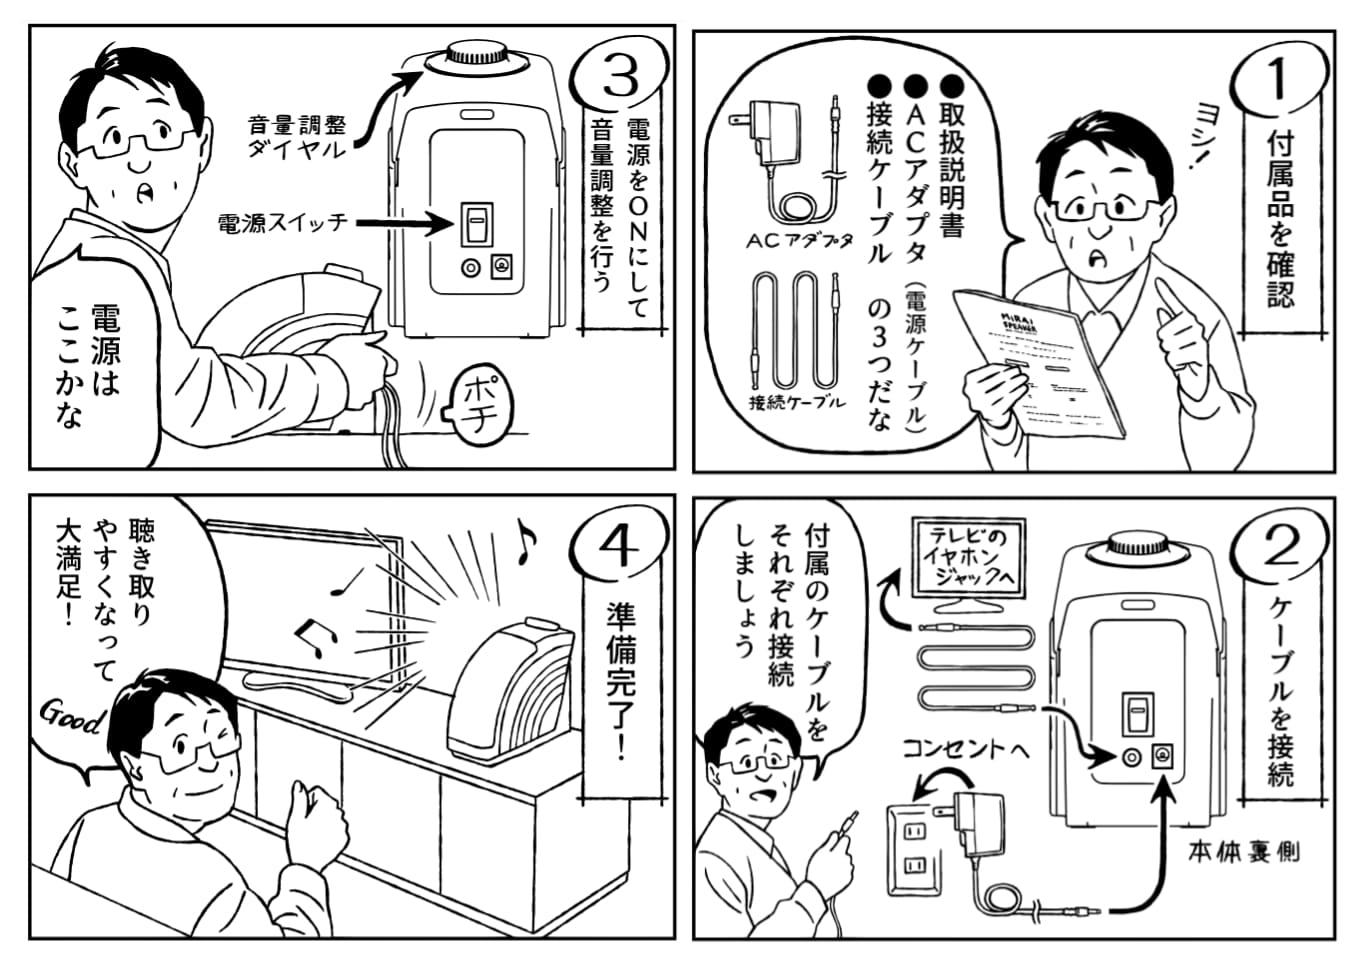 ミライスピーカー 取扱説明書 接続方法 漫画